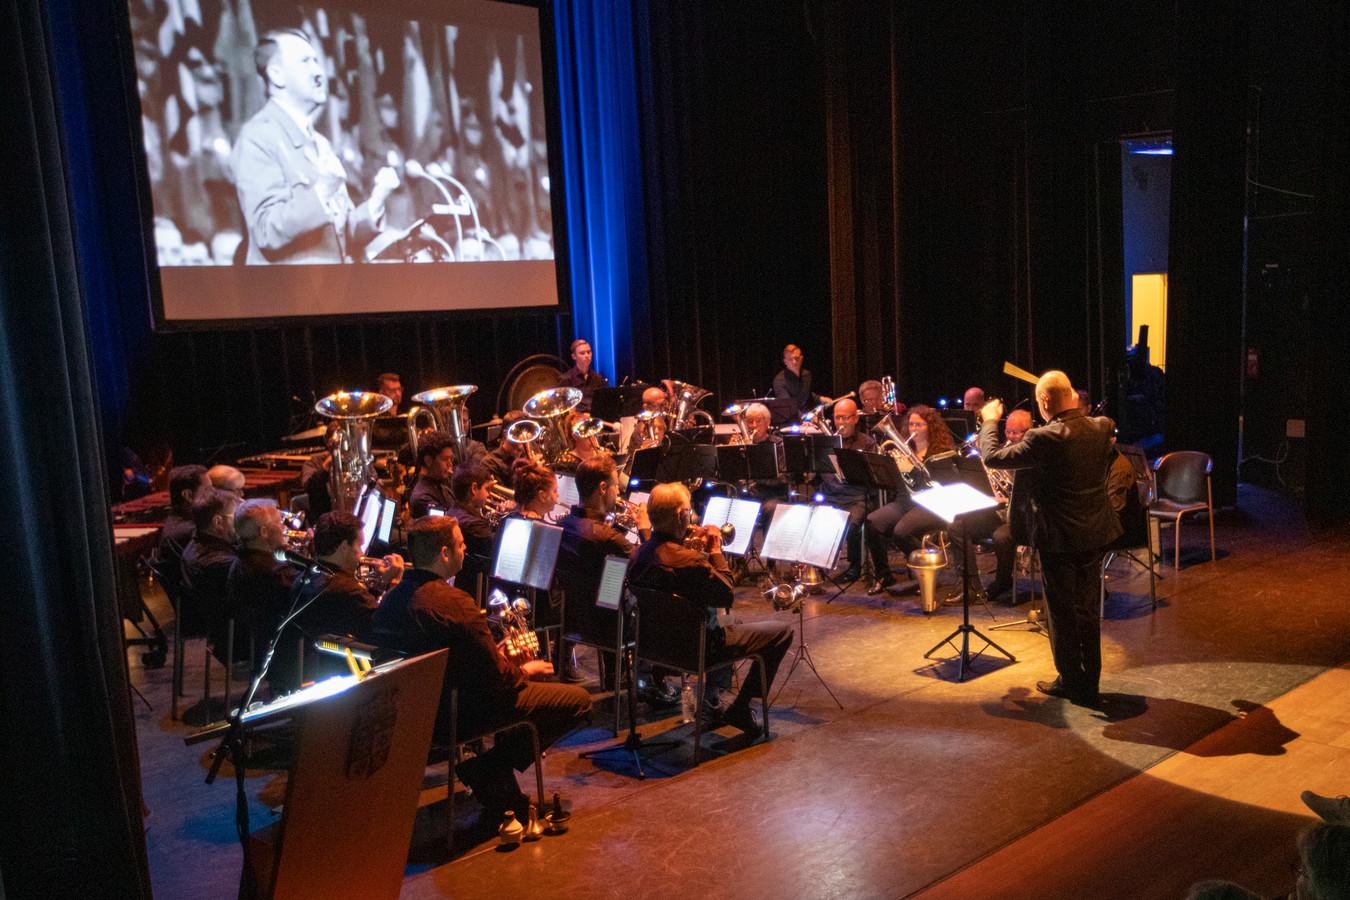 Vertelling uit de oorlog Nuenen vertolkt door Brass Band Nuenen.